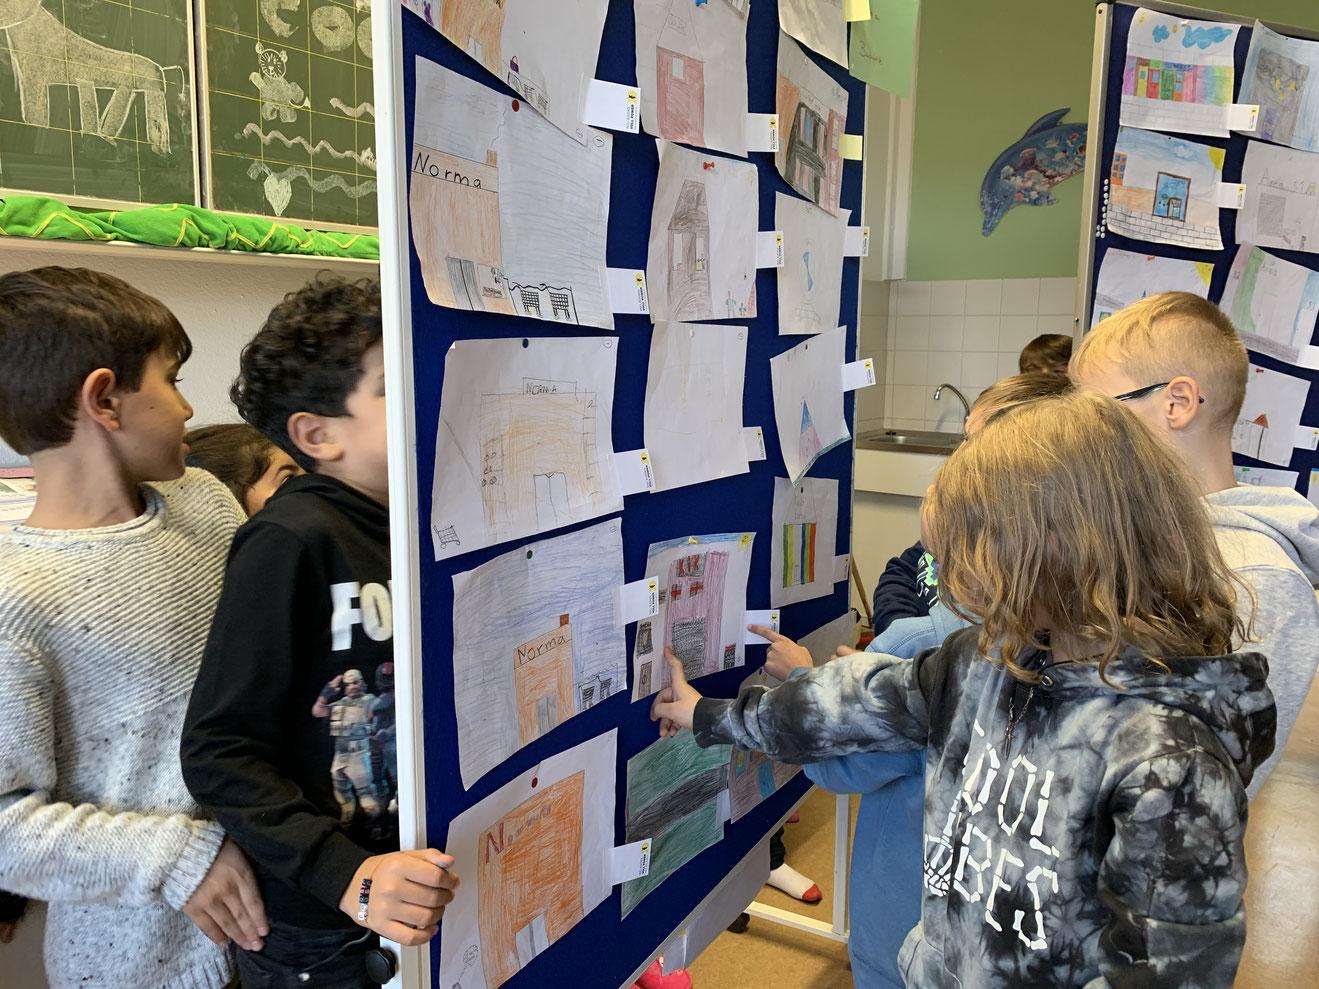 Kinder der Offenen Ganztagsschule Kopernikusstraße in Buchforst sichten die Bilder ihrer Schulkamerad*innen.